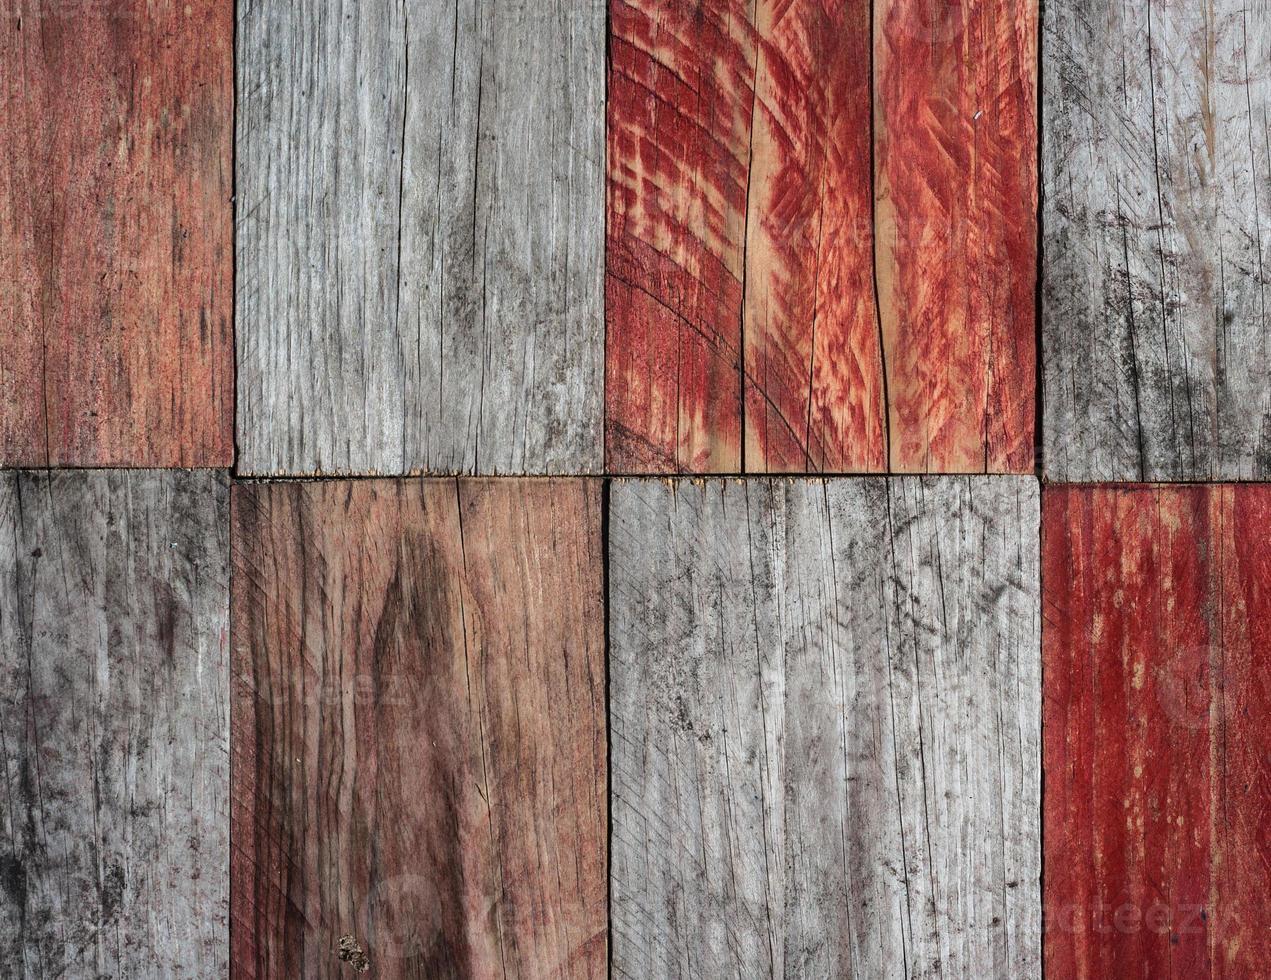 fundo de pranchas de madeira de textura grunge foto